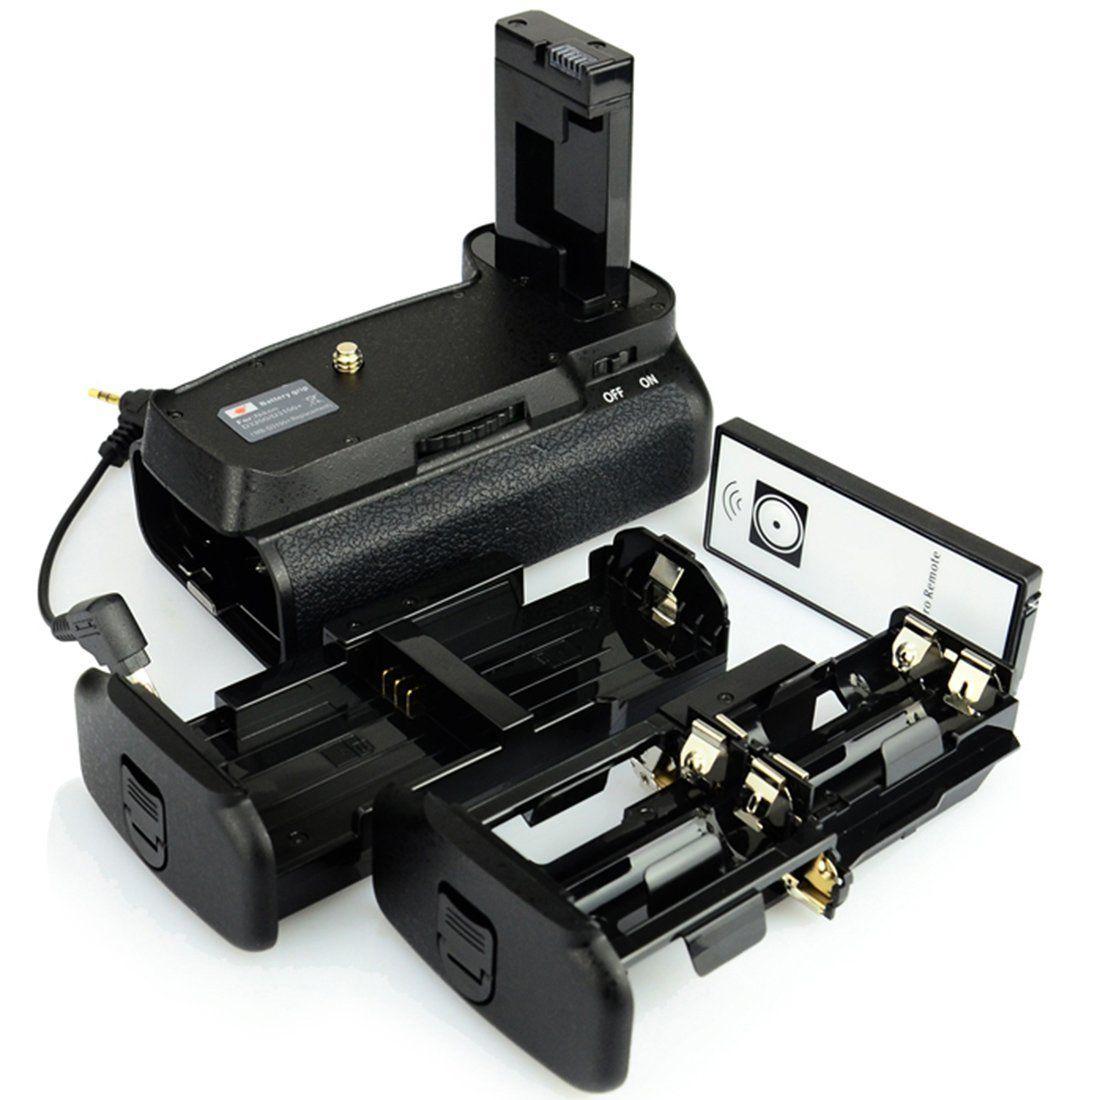 Kit Battery Grip MB-D3100 + 1 bateria EN-EL14 para Nikon D3100 D3200 D3300 D5300